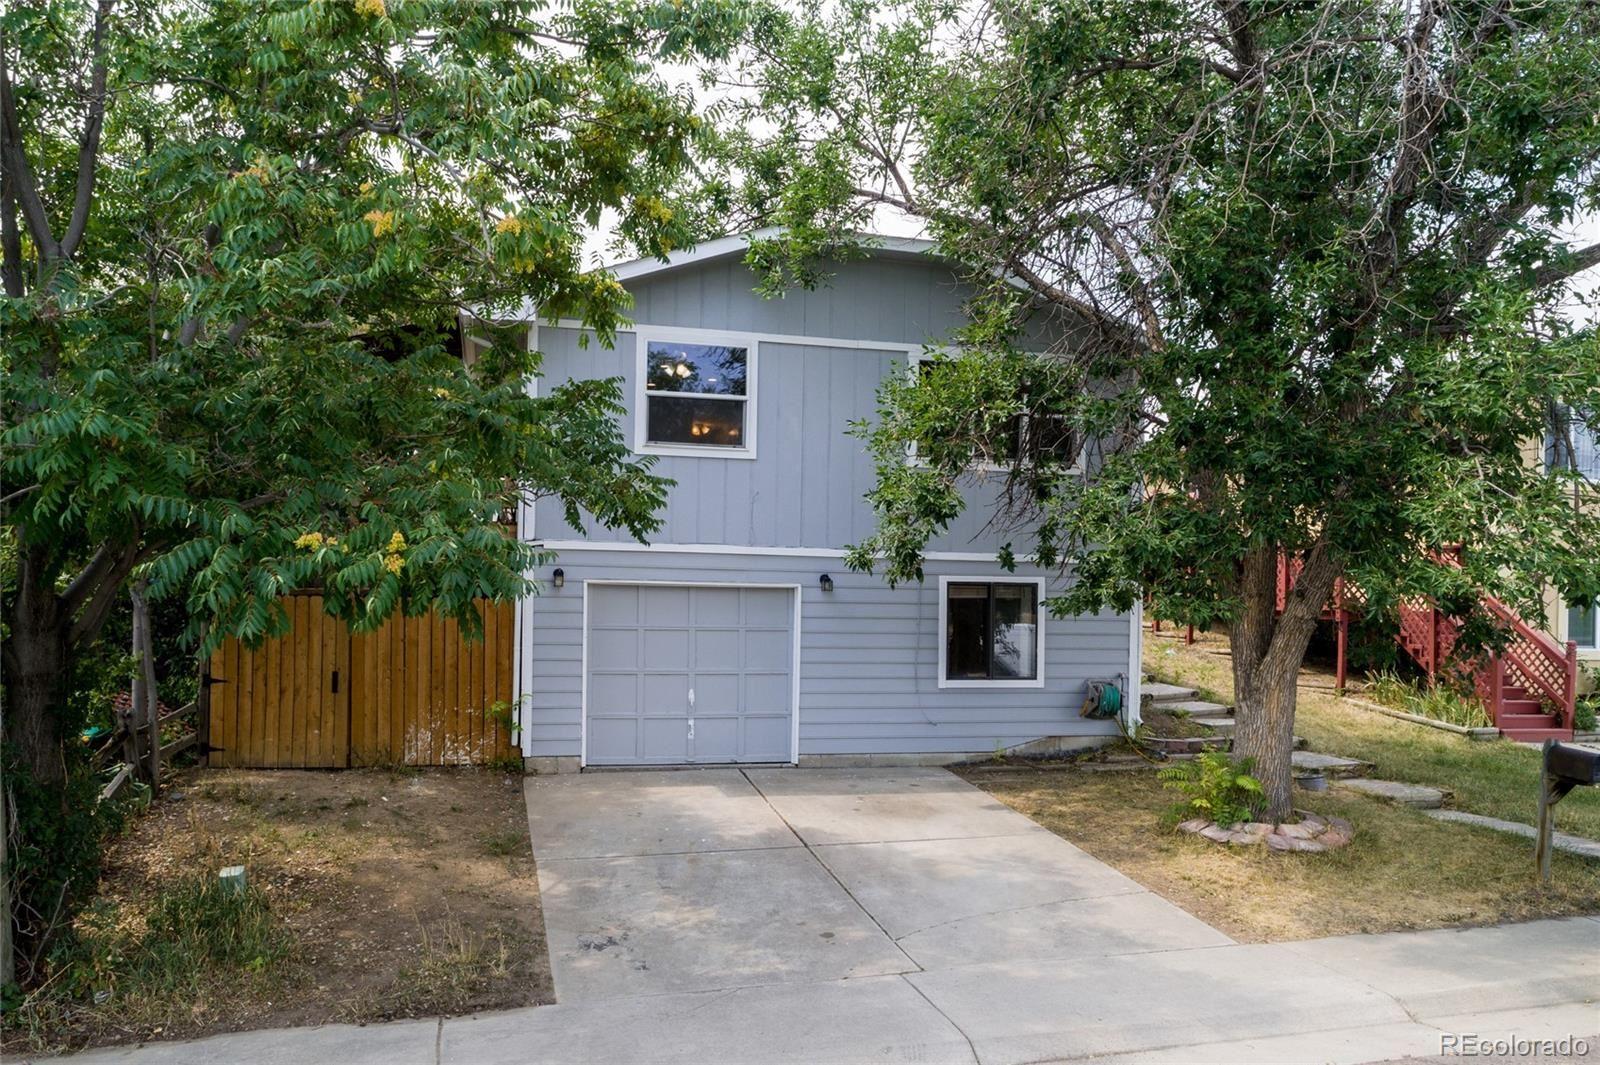 8621 Mcdougal Street, Denver, CO 80229 - #: 7159028